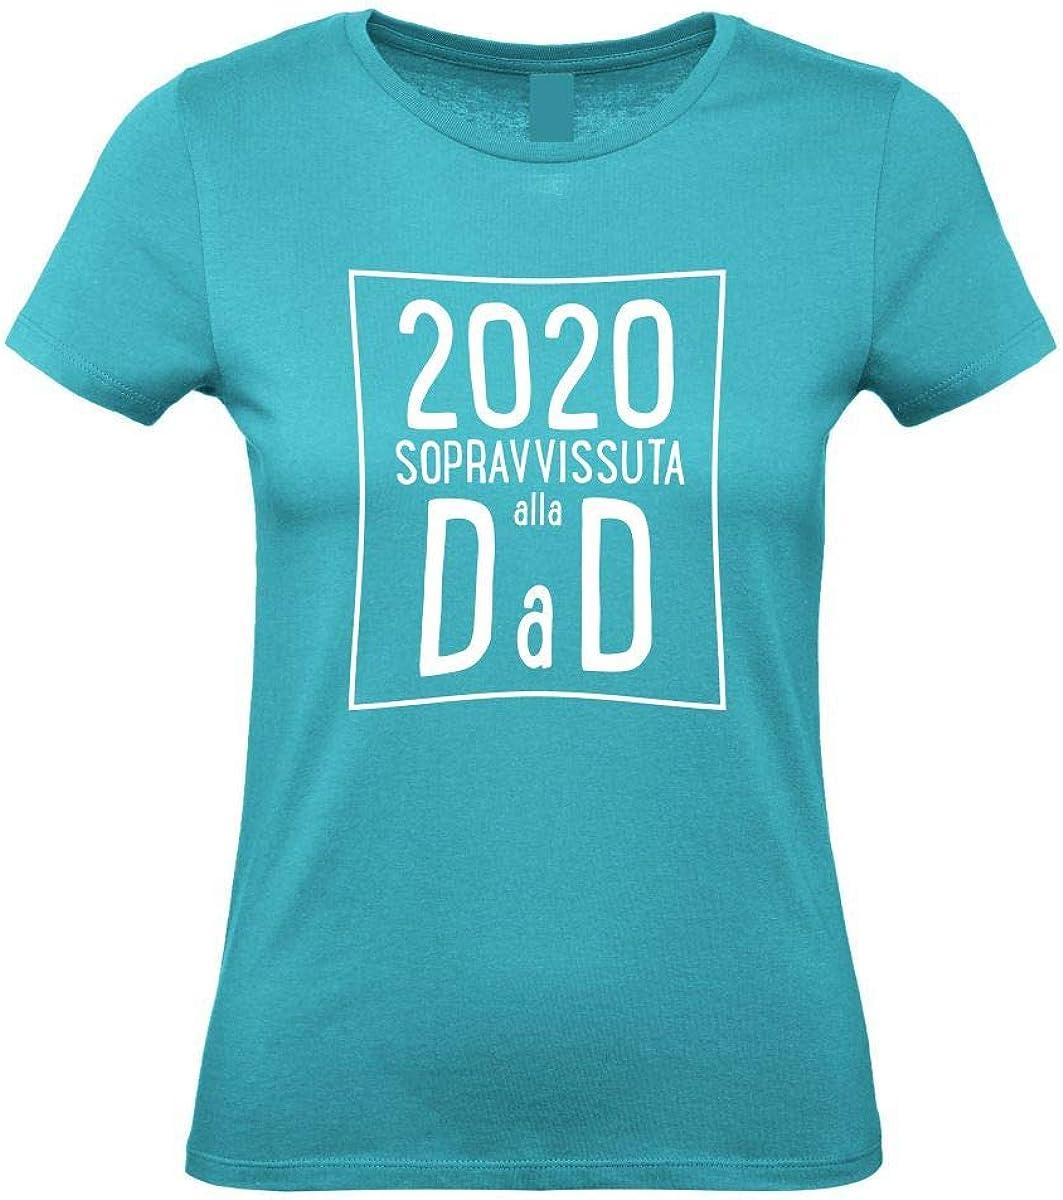 100/% Cotone VestiLoStaff Maglietta Donna Sopravvissuta Dad didattica a Distanza Idea Regalo Insegnante maestra